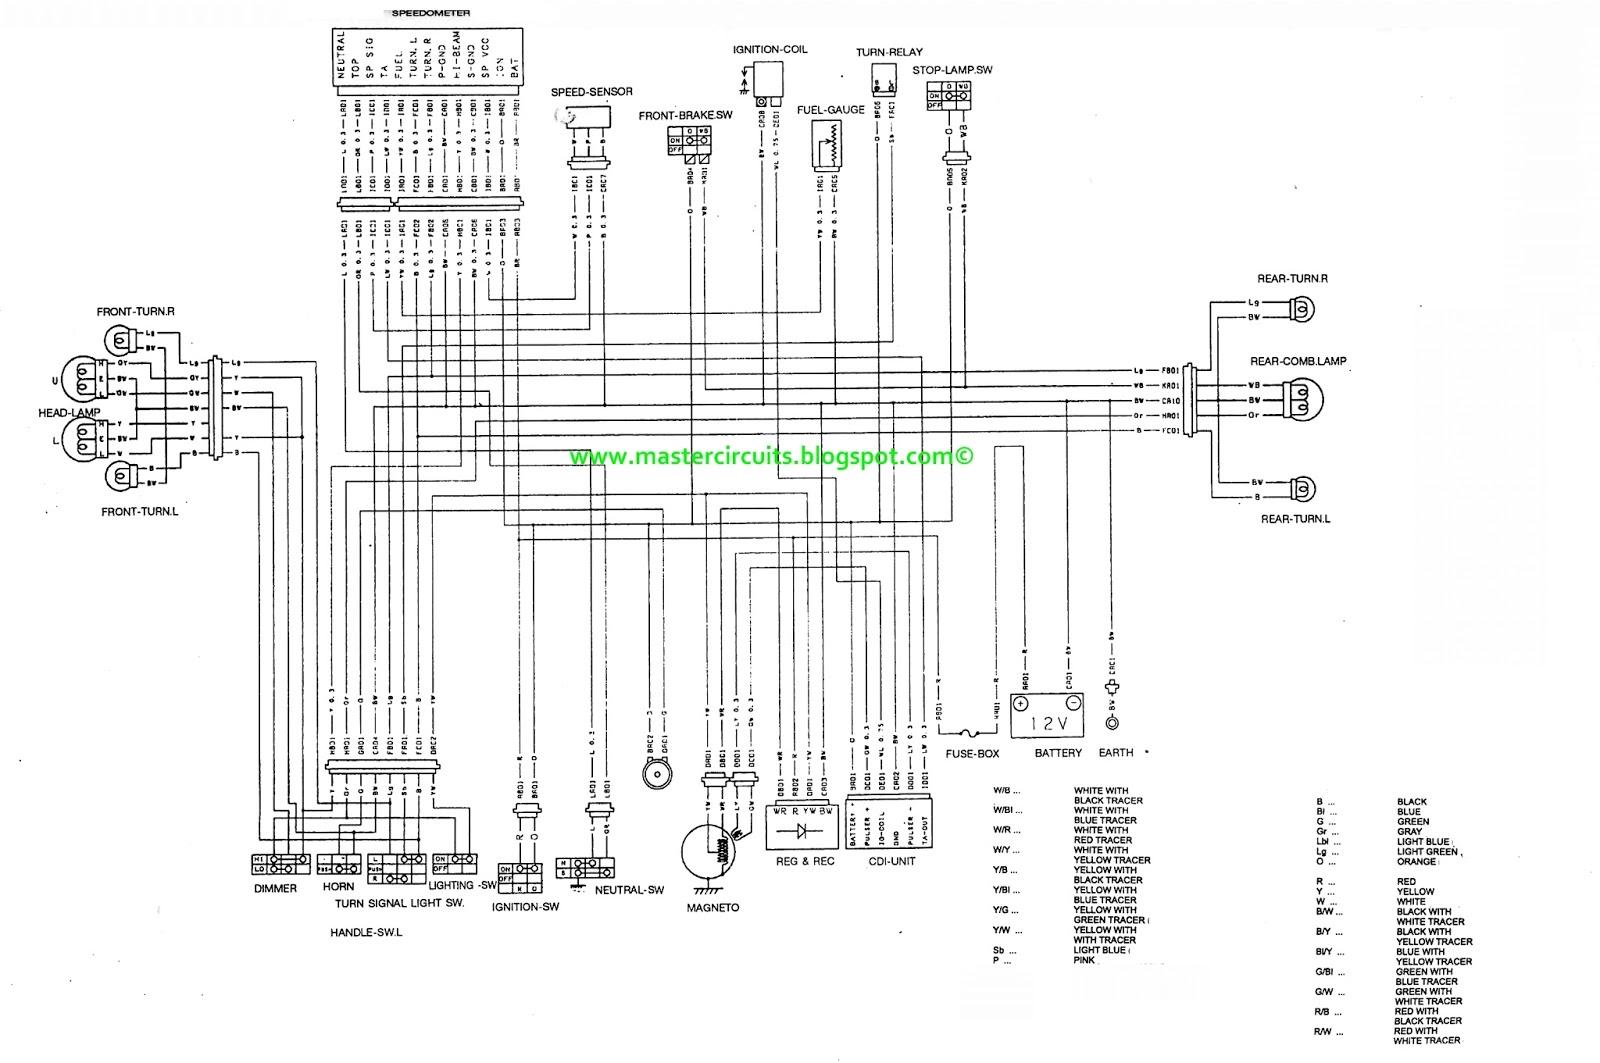 Raider R150 Wiring Diagram | Techy at day, Blogger at noon, and a Hobbyist at night